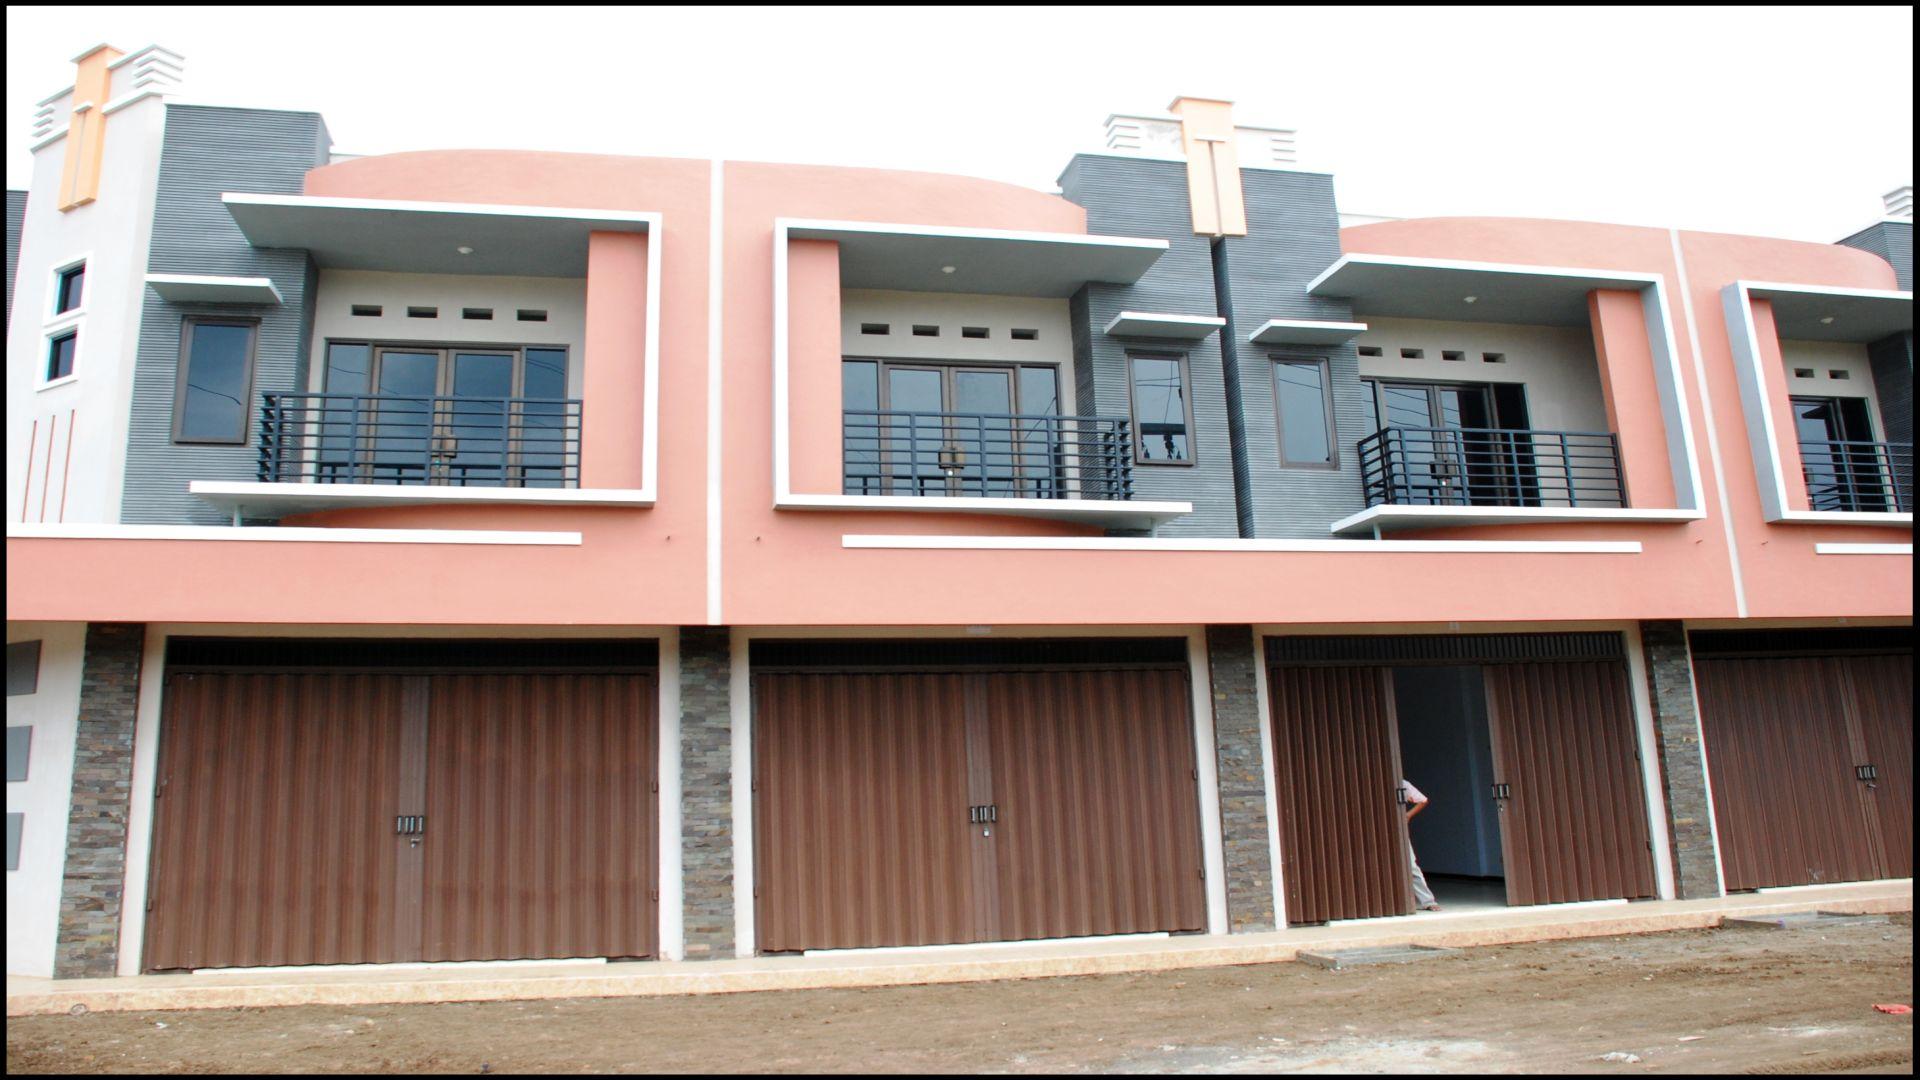 70 Desain Rumah Minimalis Ruko 2 Lantai | Desain Rumah ...